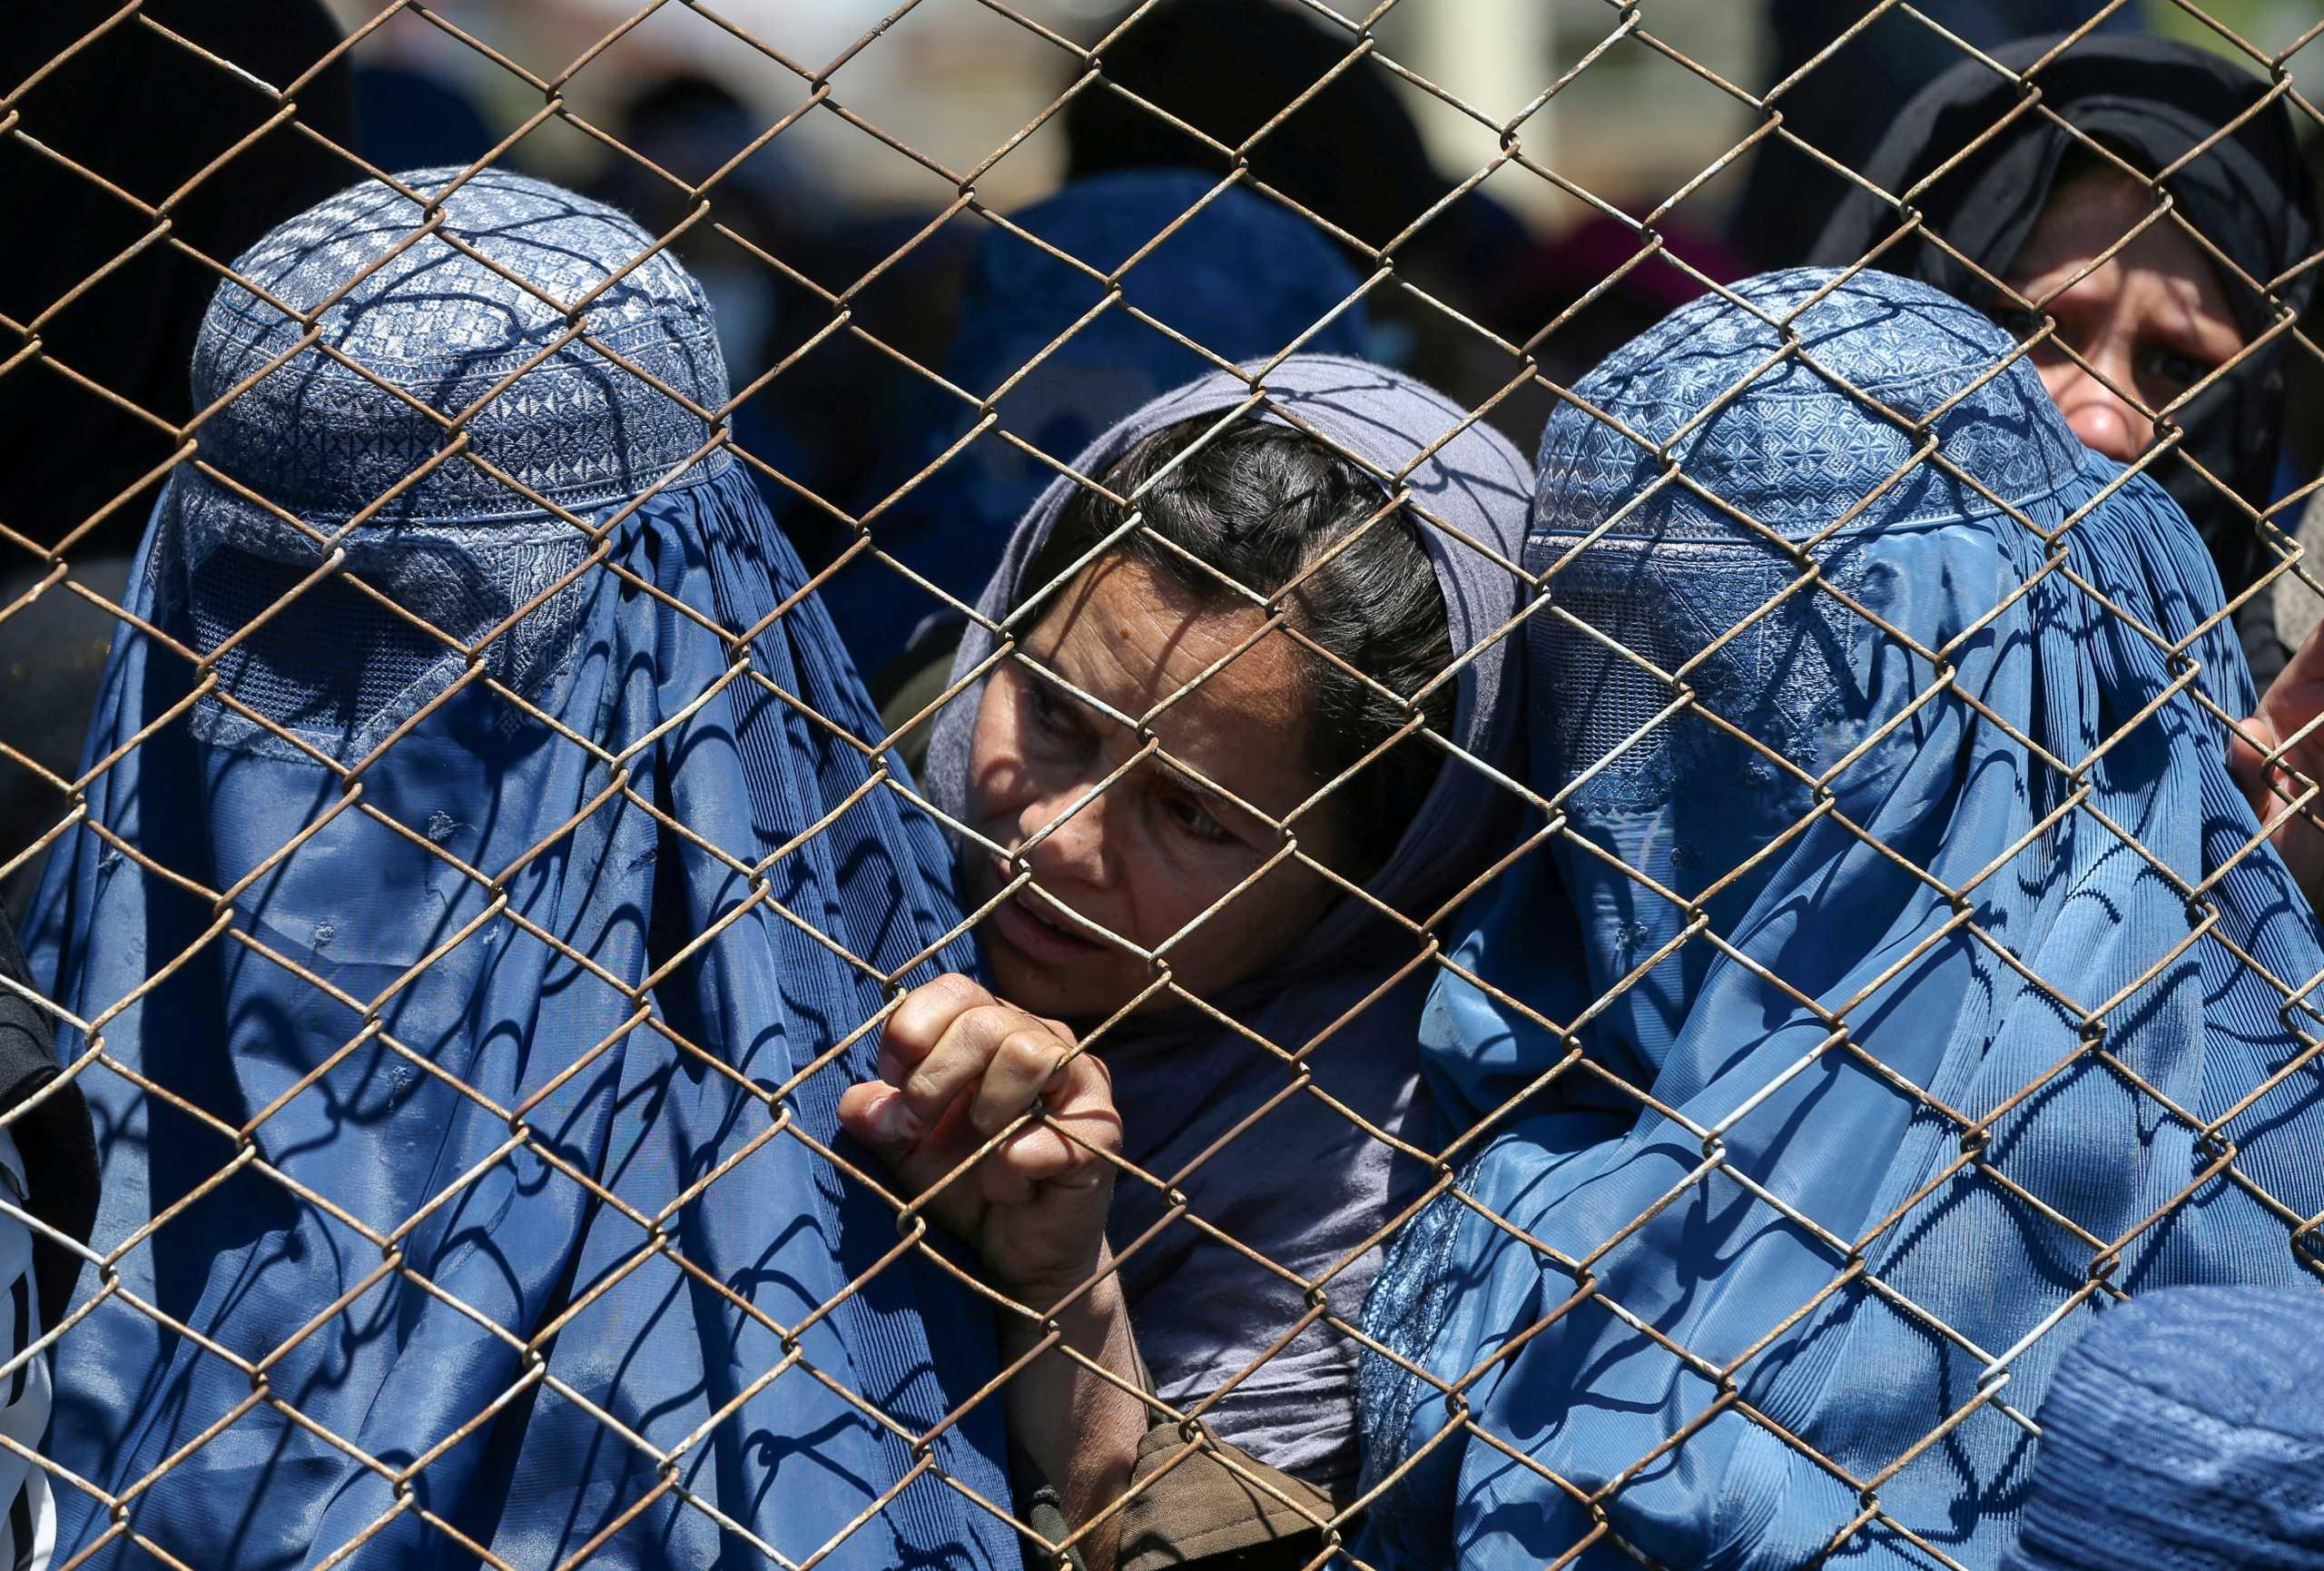 Αφγανιστάν: Κοινή δήλωση ΕΕ και άλλων 20 χωρών για την προστασία των γυναικών